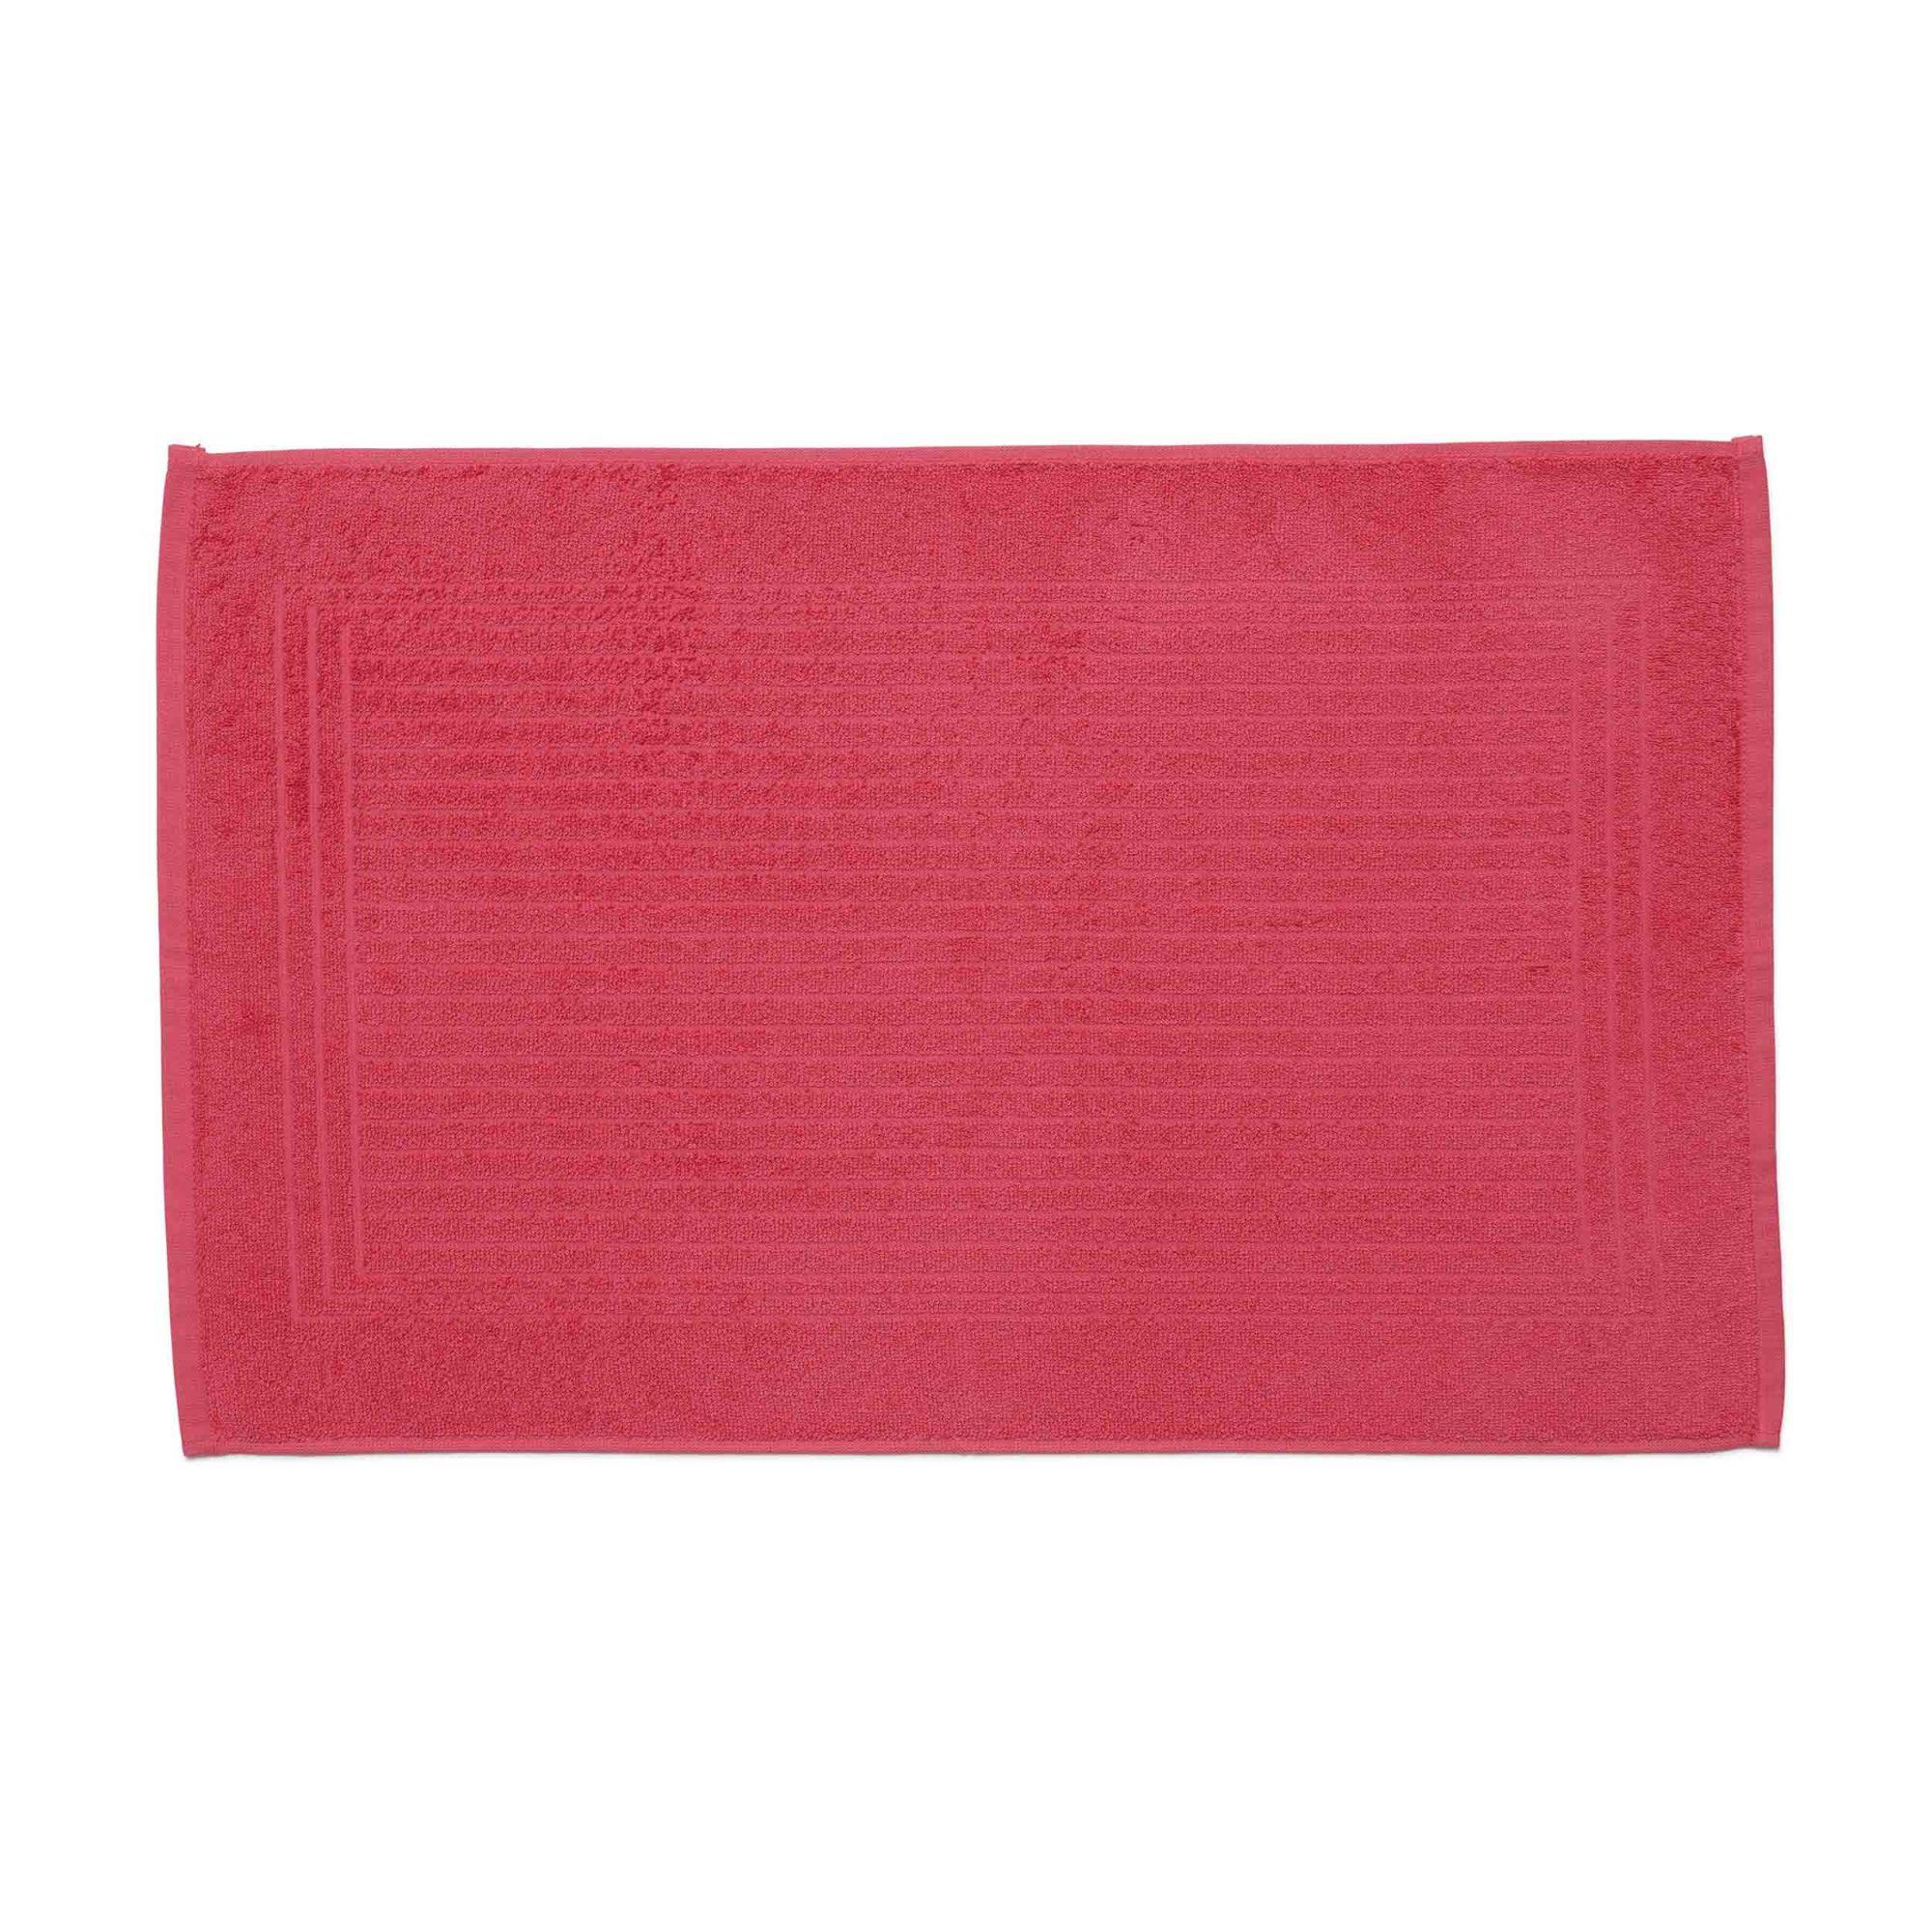 Piso para banheiro cedro santista 45cm x 70cm 100% algodao rosa geranio